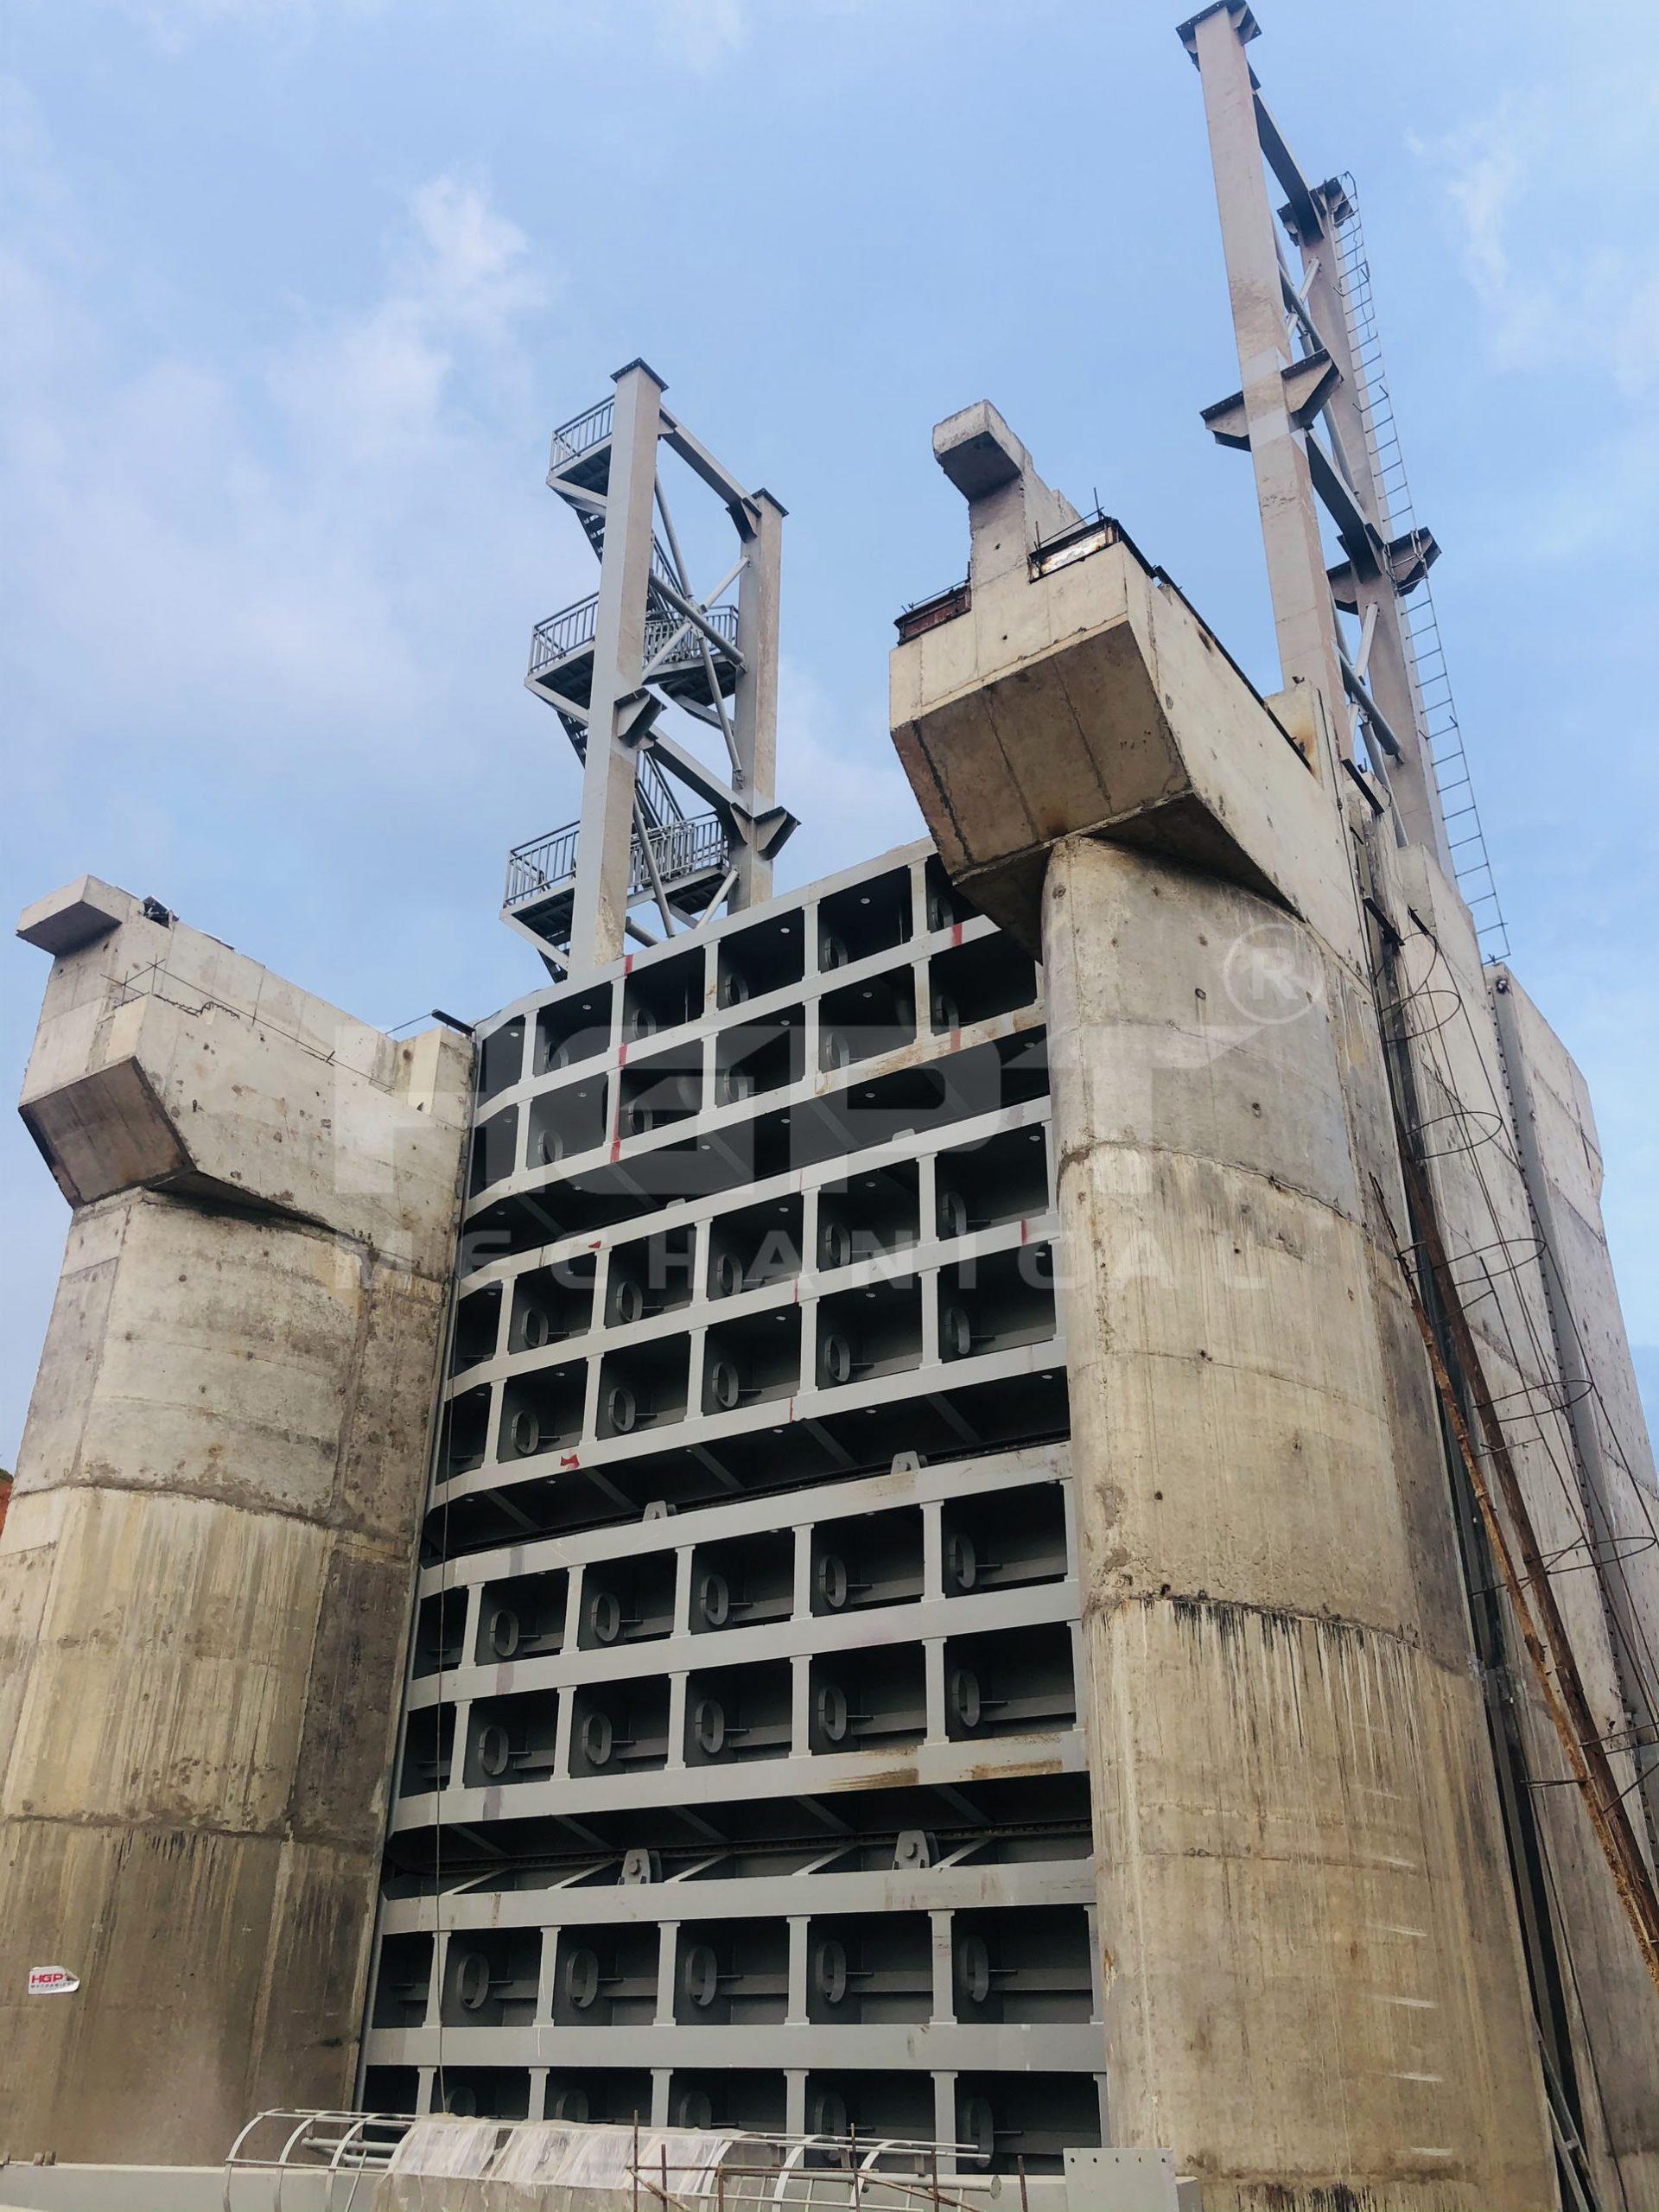 Chế tạo và lắp đặt cửa van đập tràn – Dự án Thuỷ điện Tân Lộc